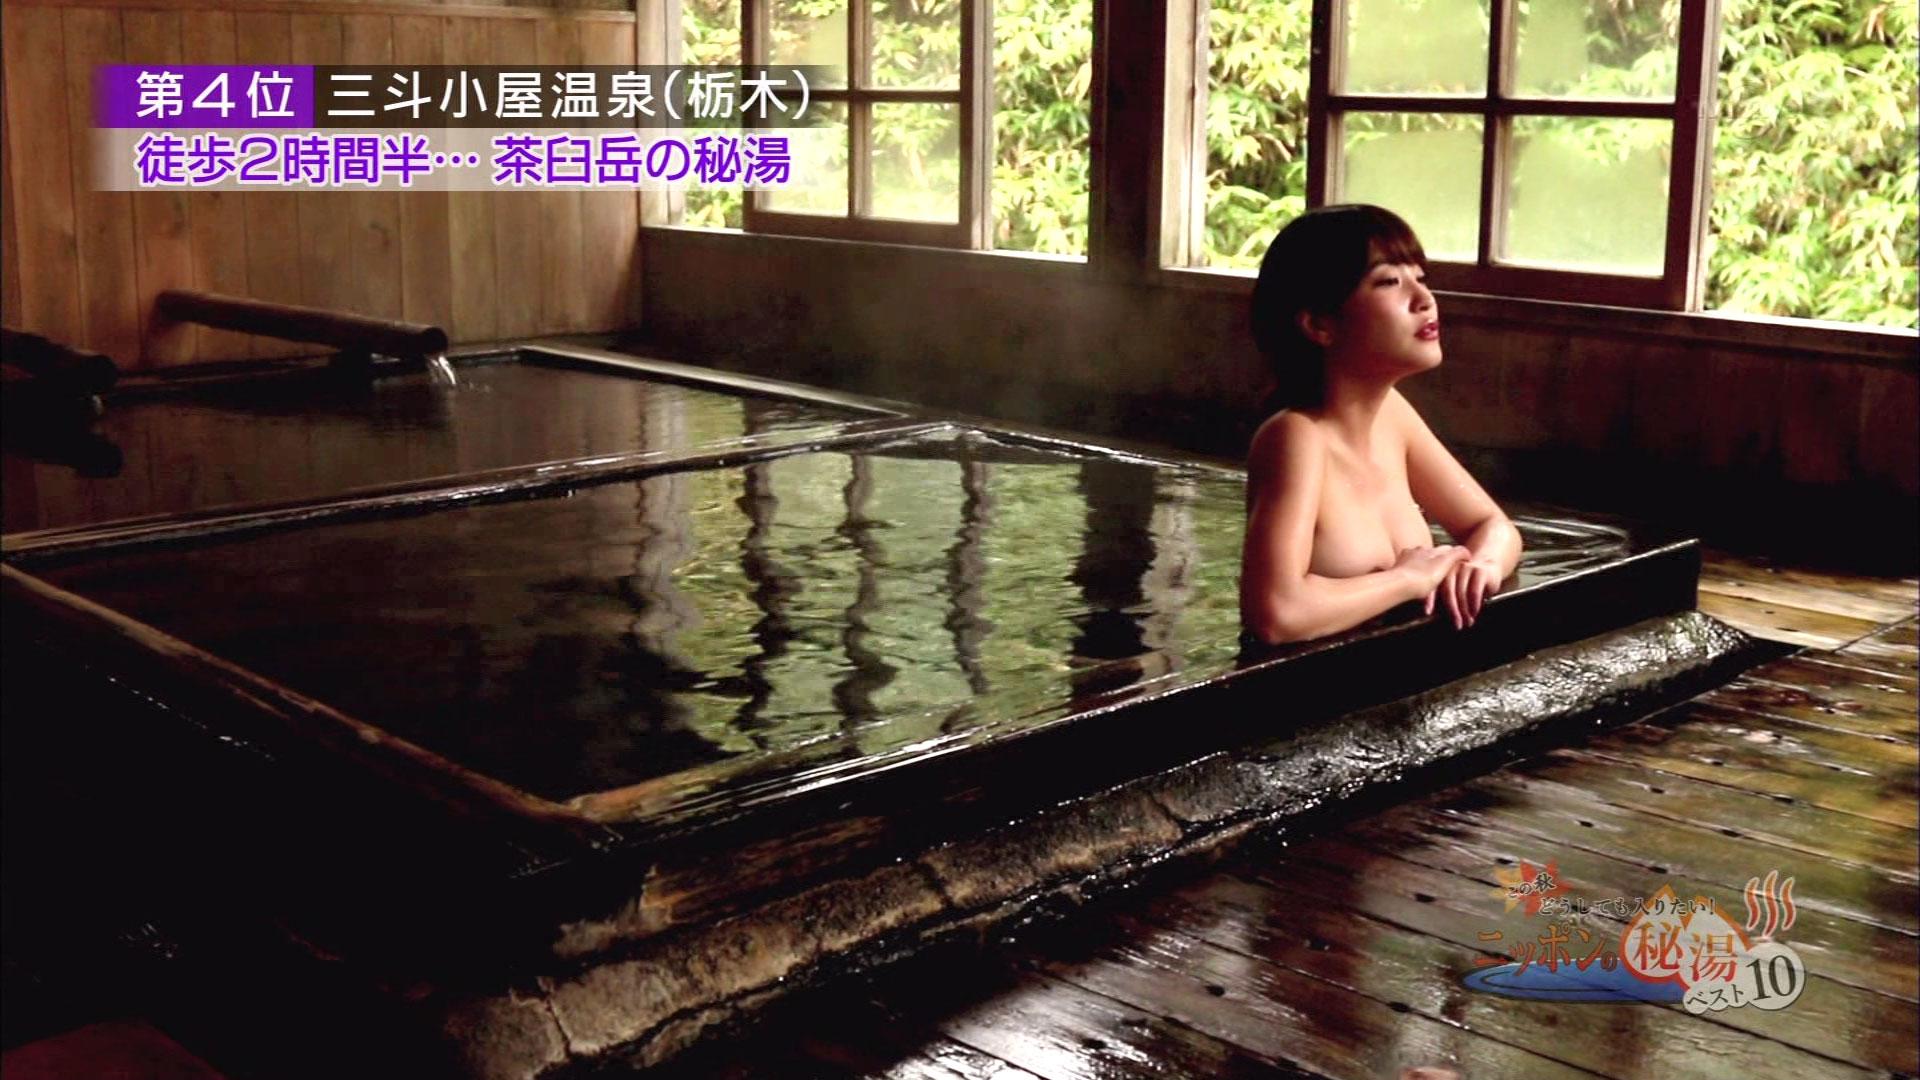 【画像】 テレ東温泉番組で岸明日香が完全に 乳首ポロリしてしまう放送事故wwwwww!!